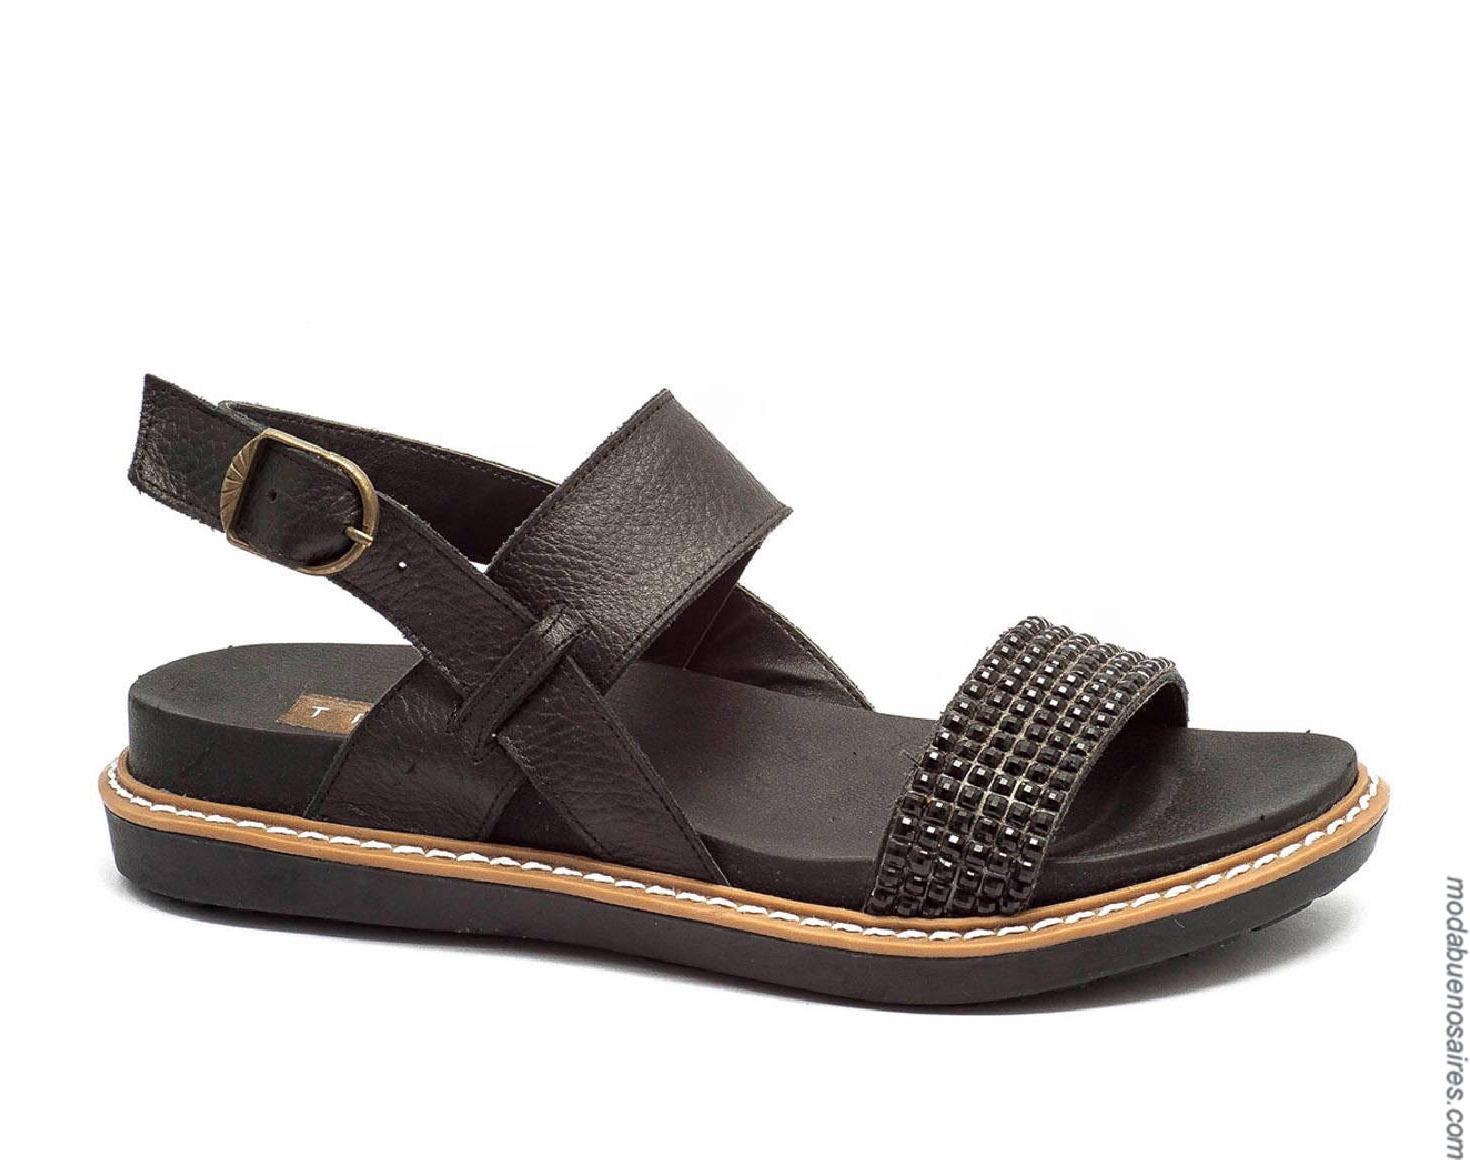 Sandalias negras y cómodas de mujer primavera verano 2020.